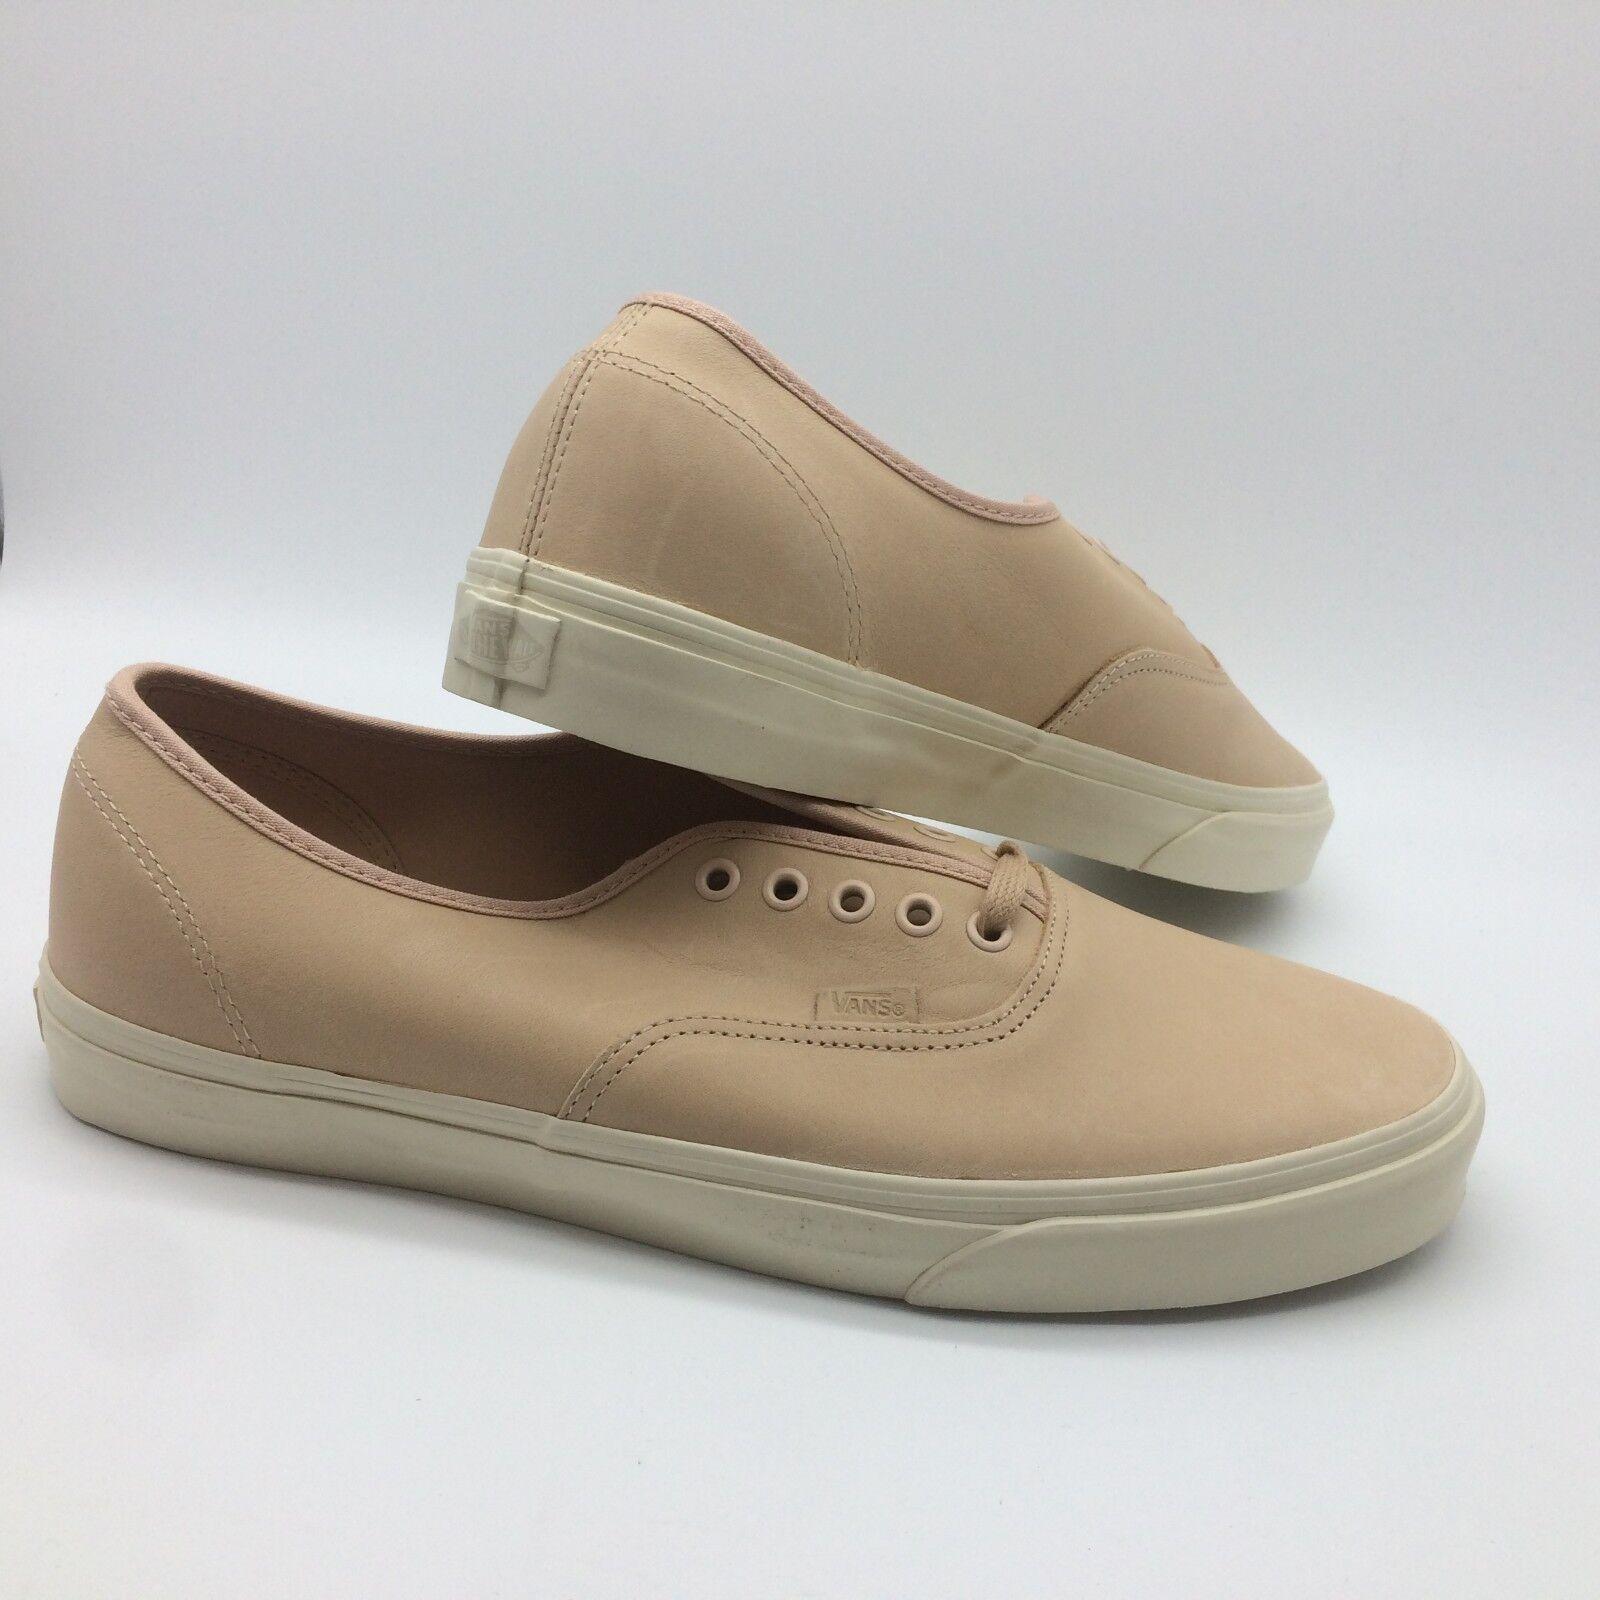 Vans Men's shoes  Authentic  DX (Veggie Tan Leather) Tan